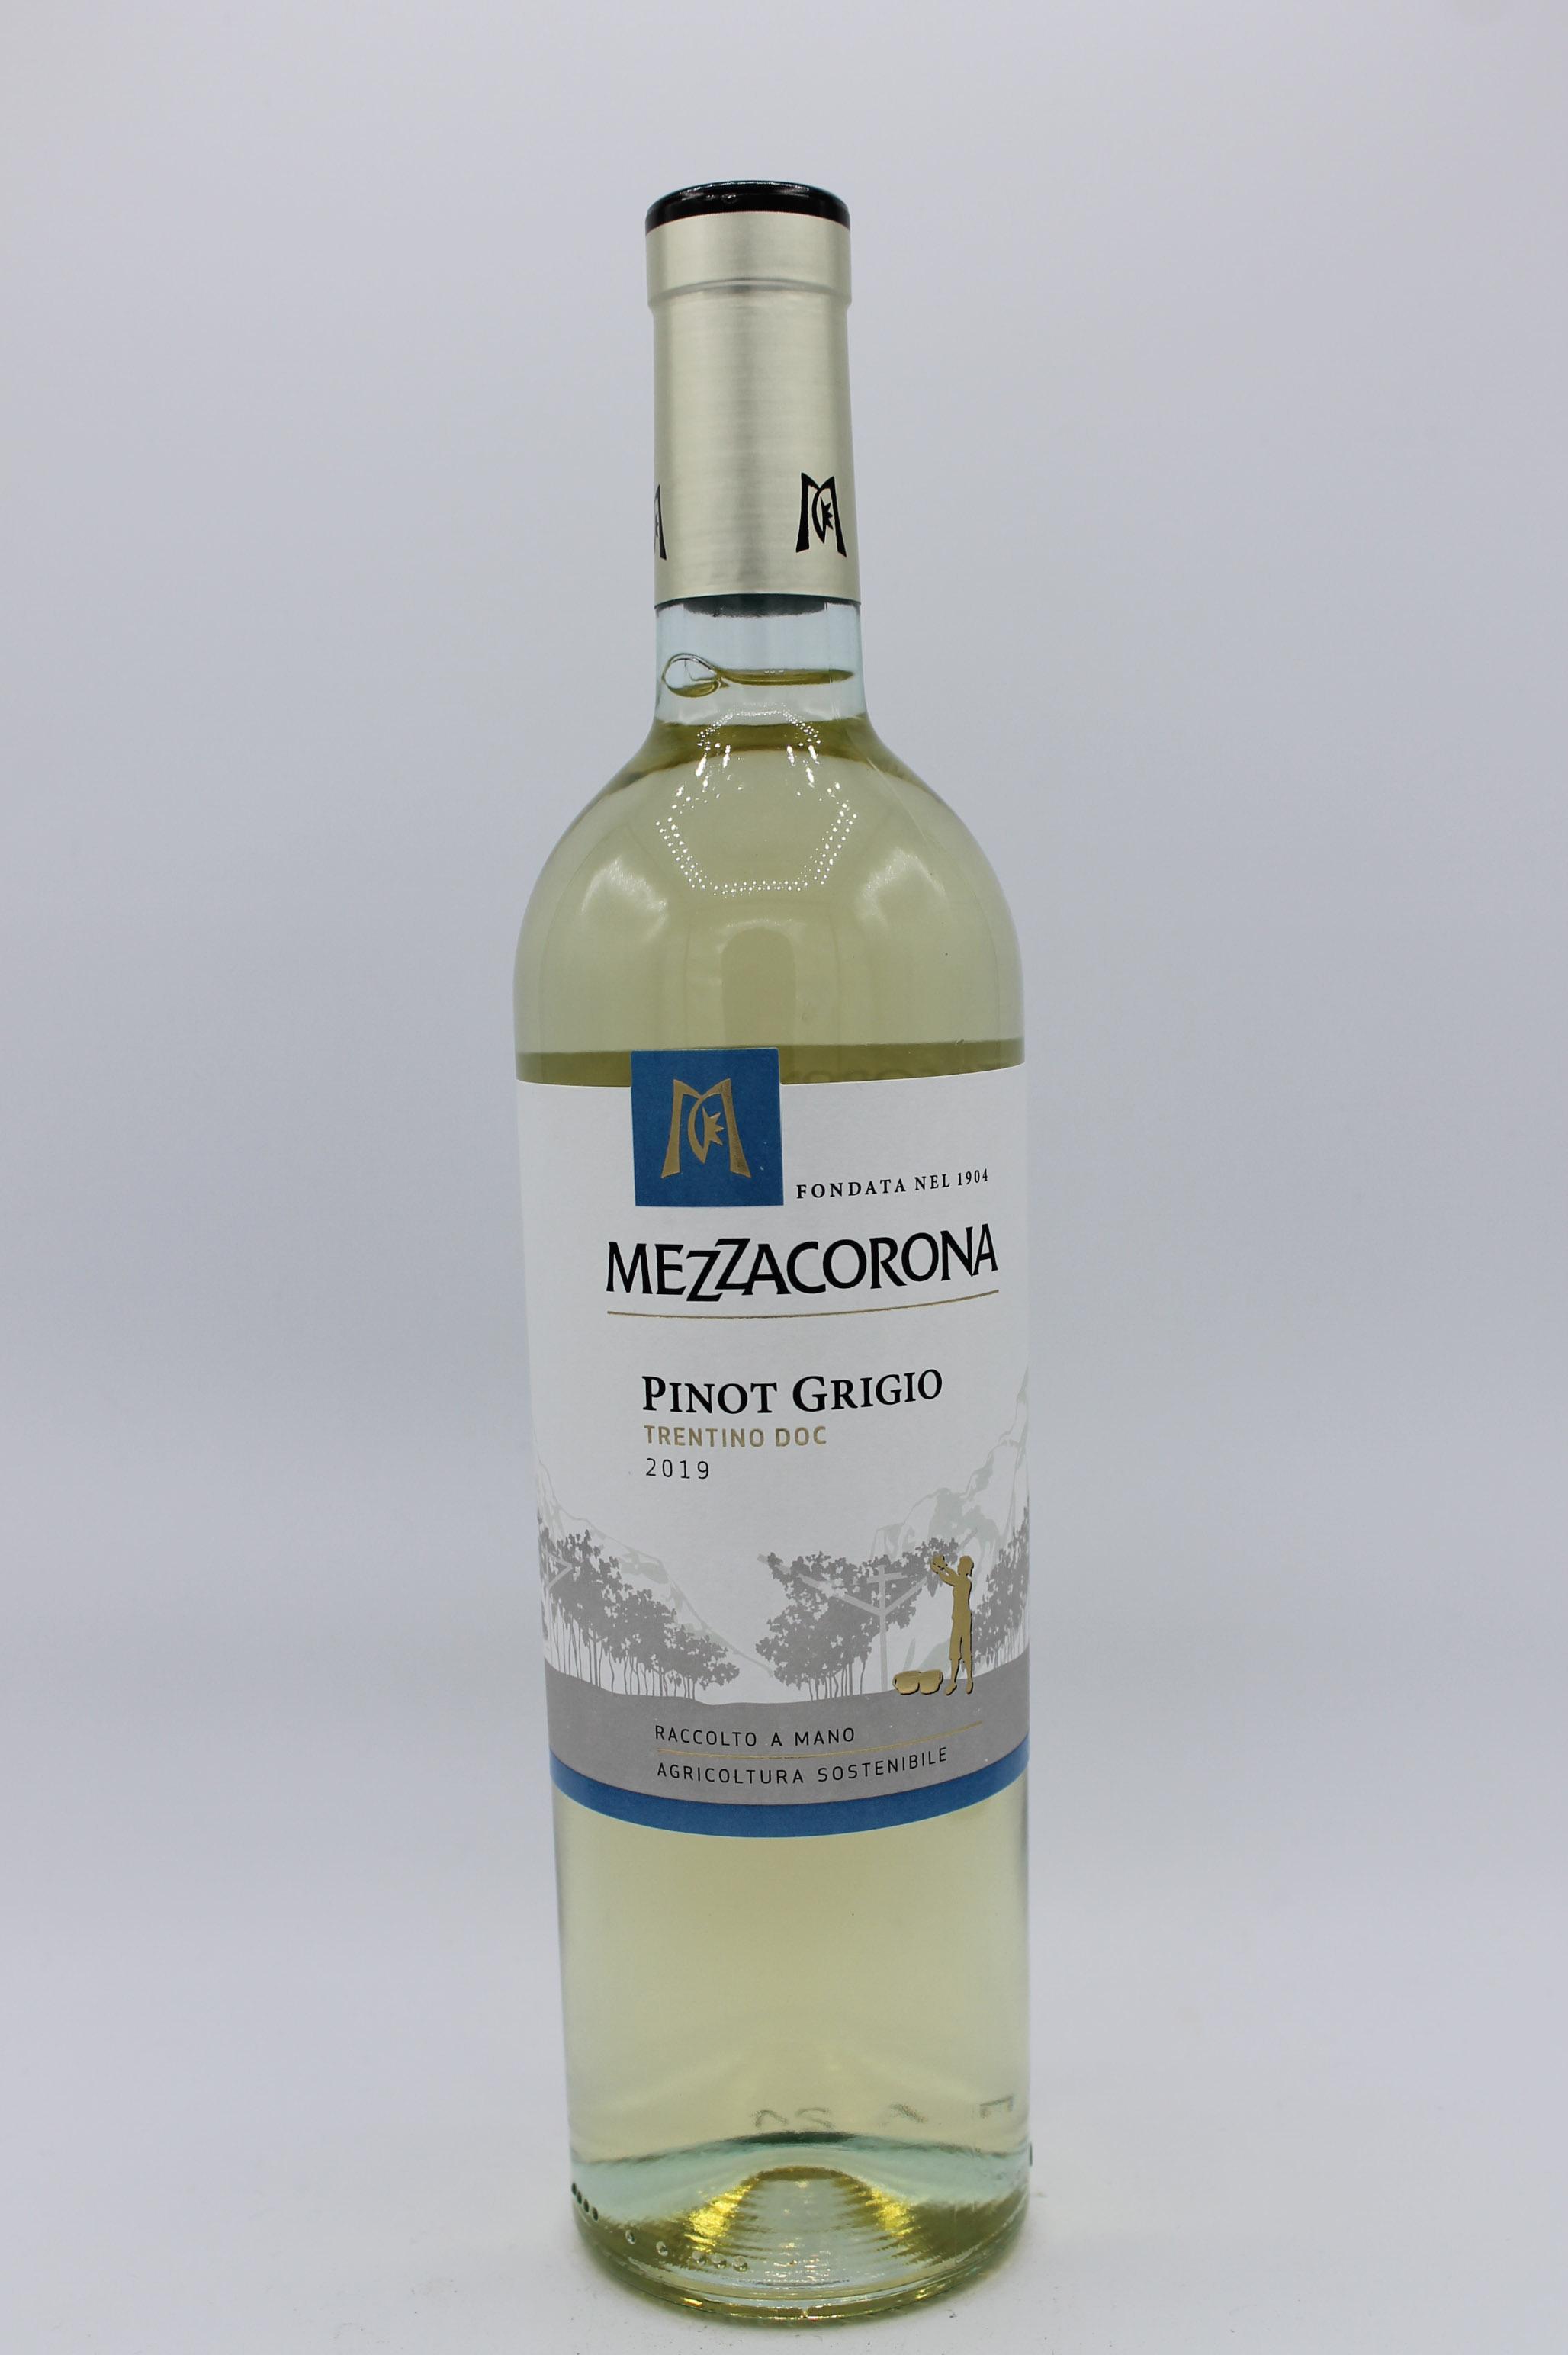 Mezzacorona Trentino DOC 750ml vari vitigni.